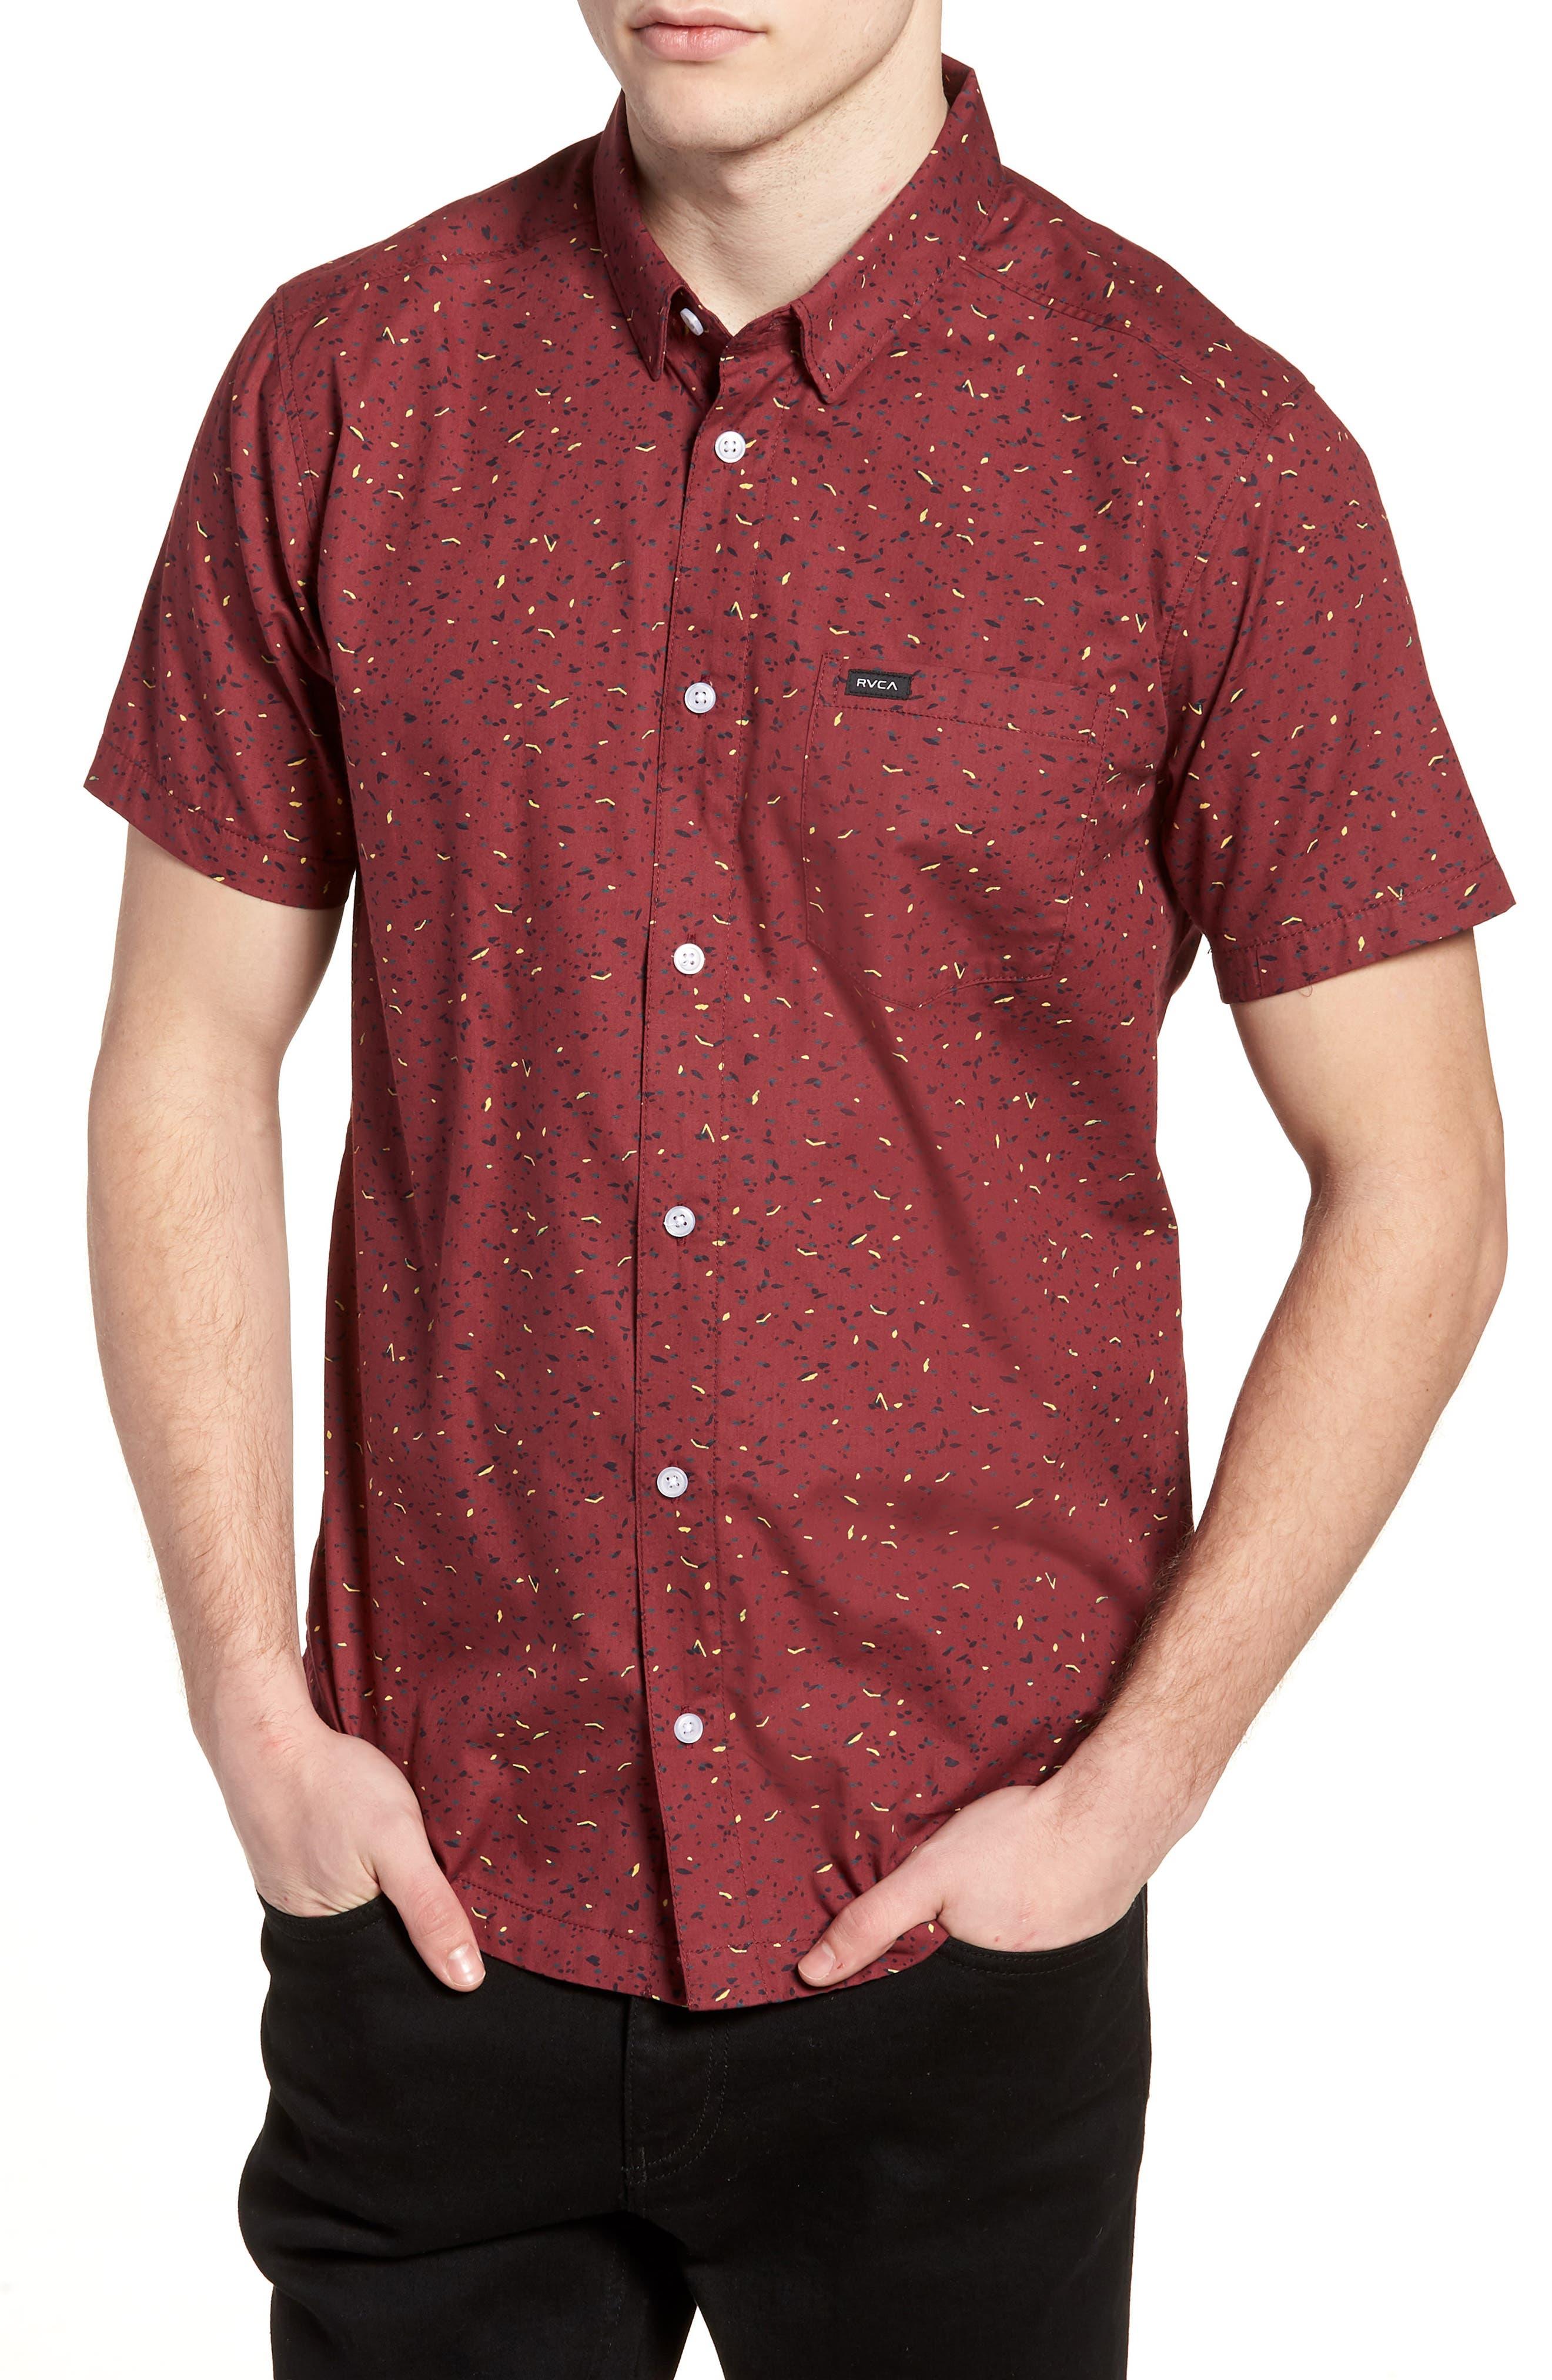 Jaded Woven Shirt,                             Main thumbnail 1, color,                             Tawny Port